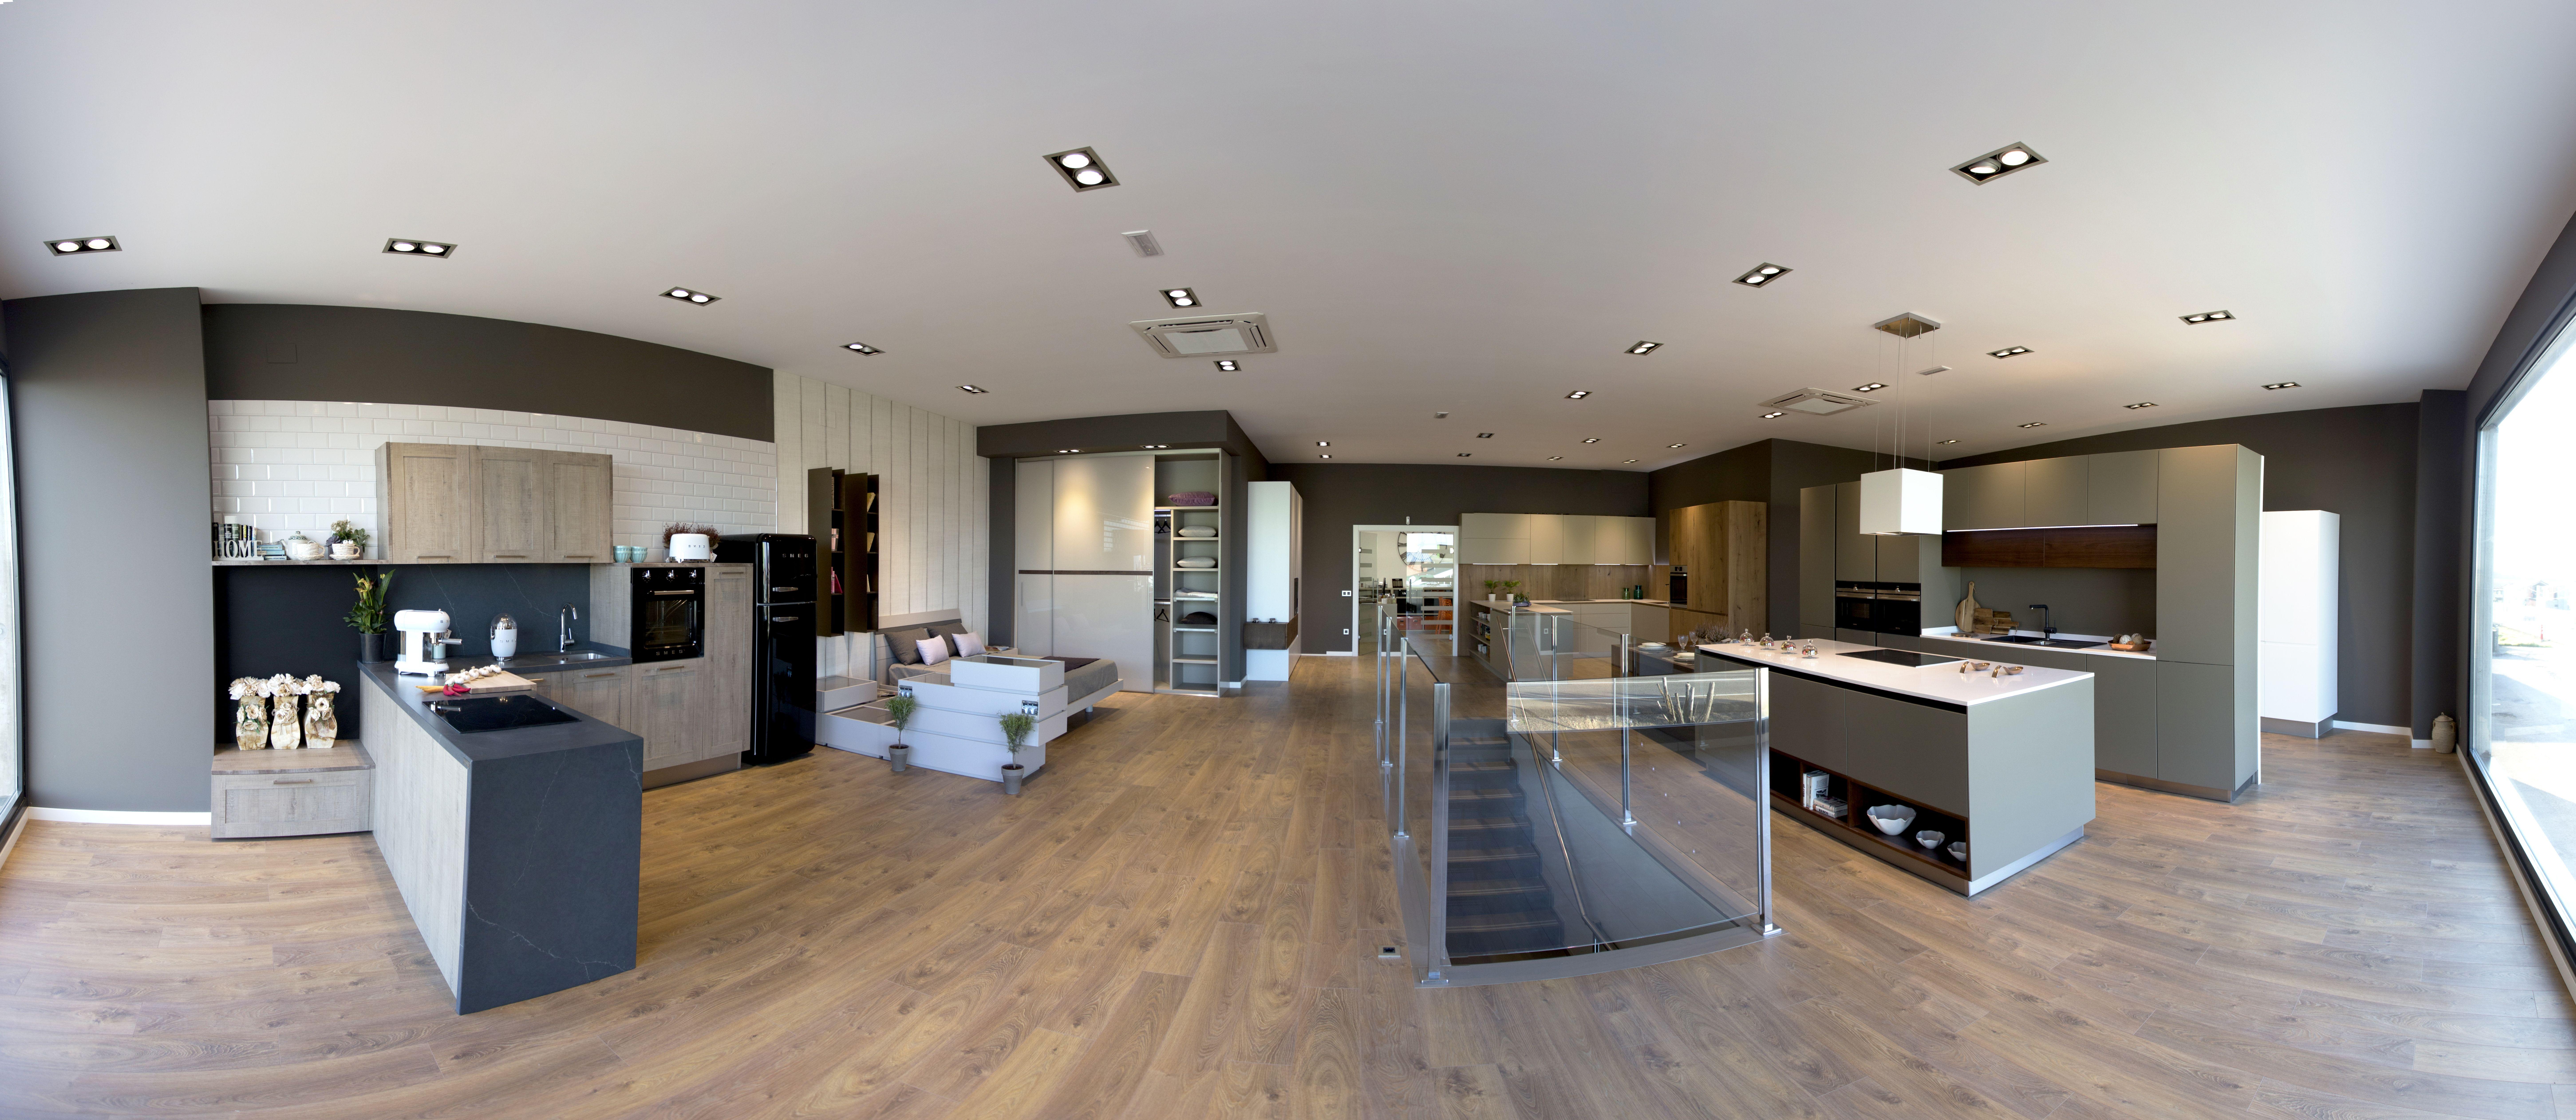 Foto 5 de Muebles de cocina en Arcahueja | DFC Mobiliario